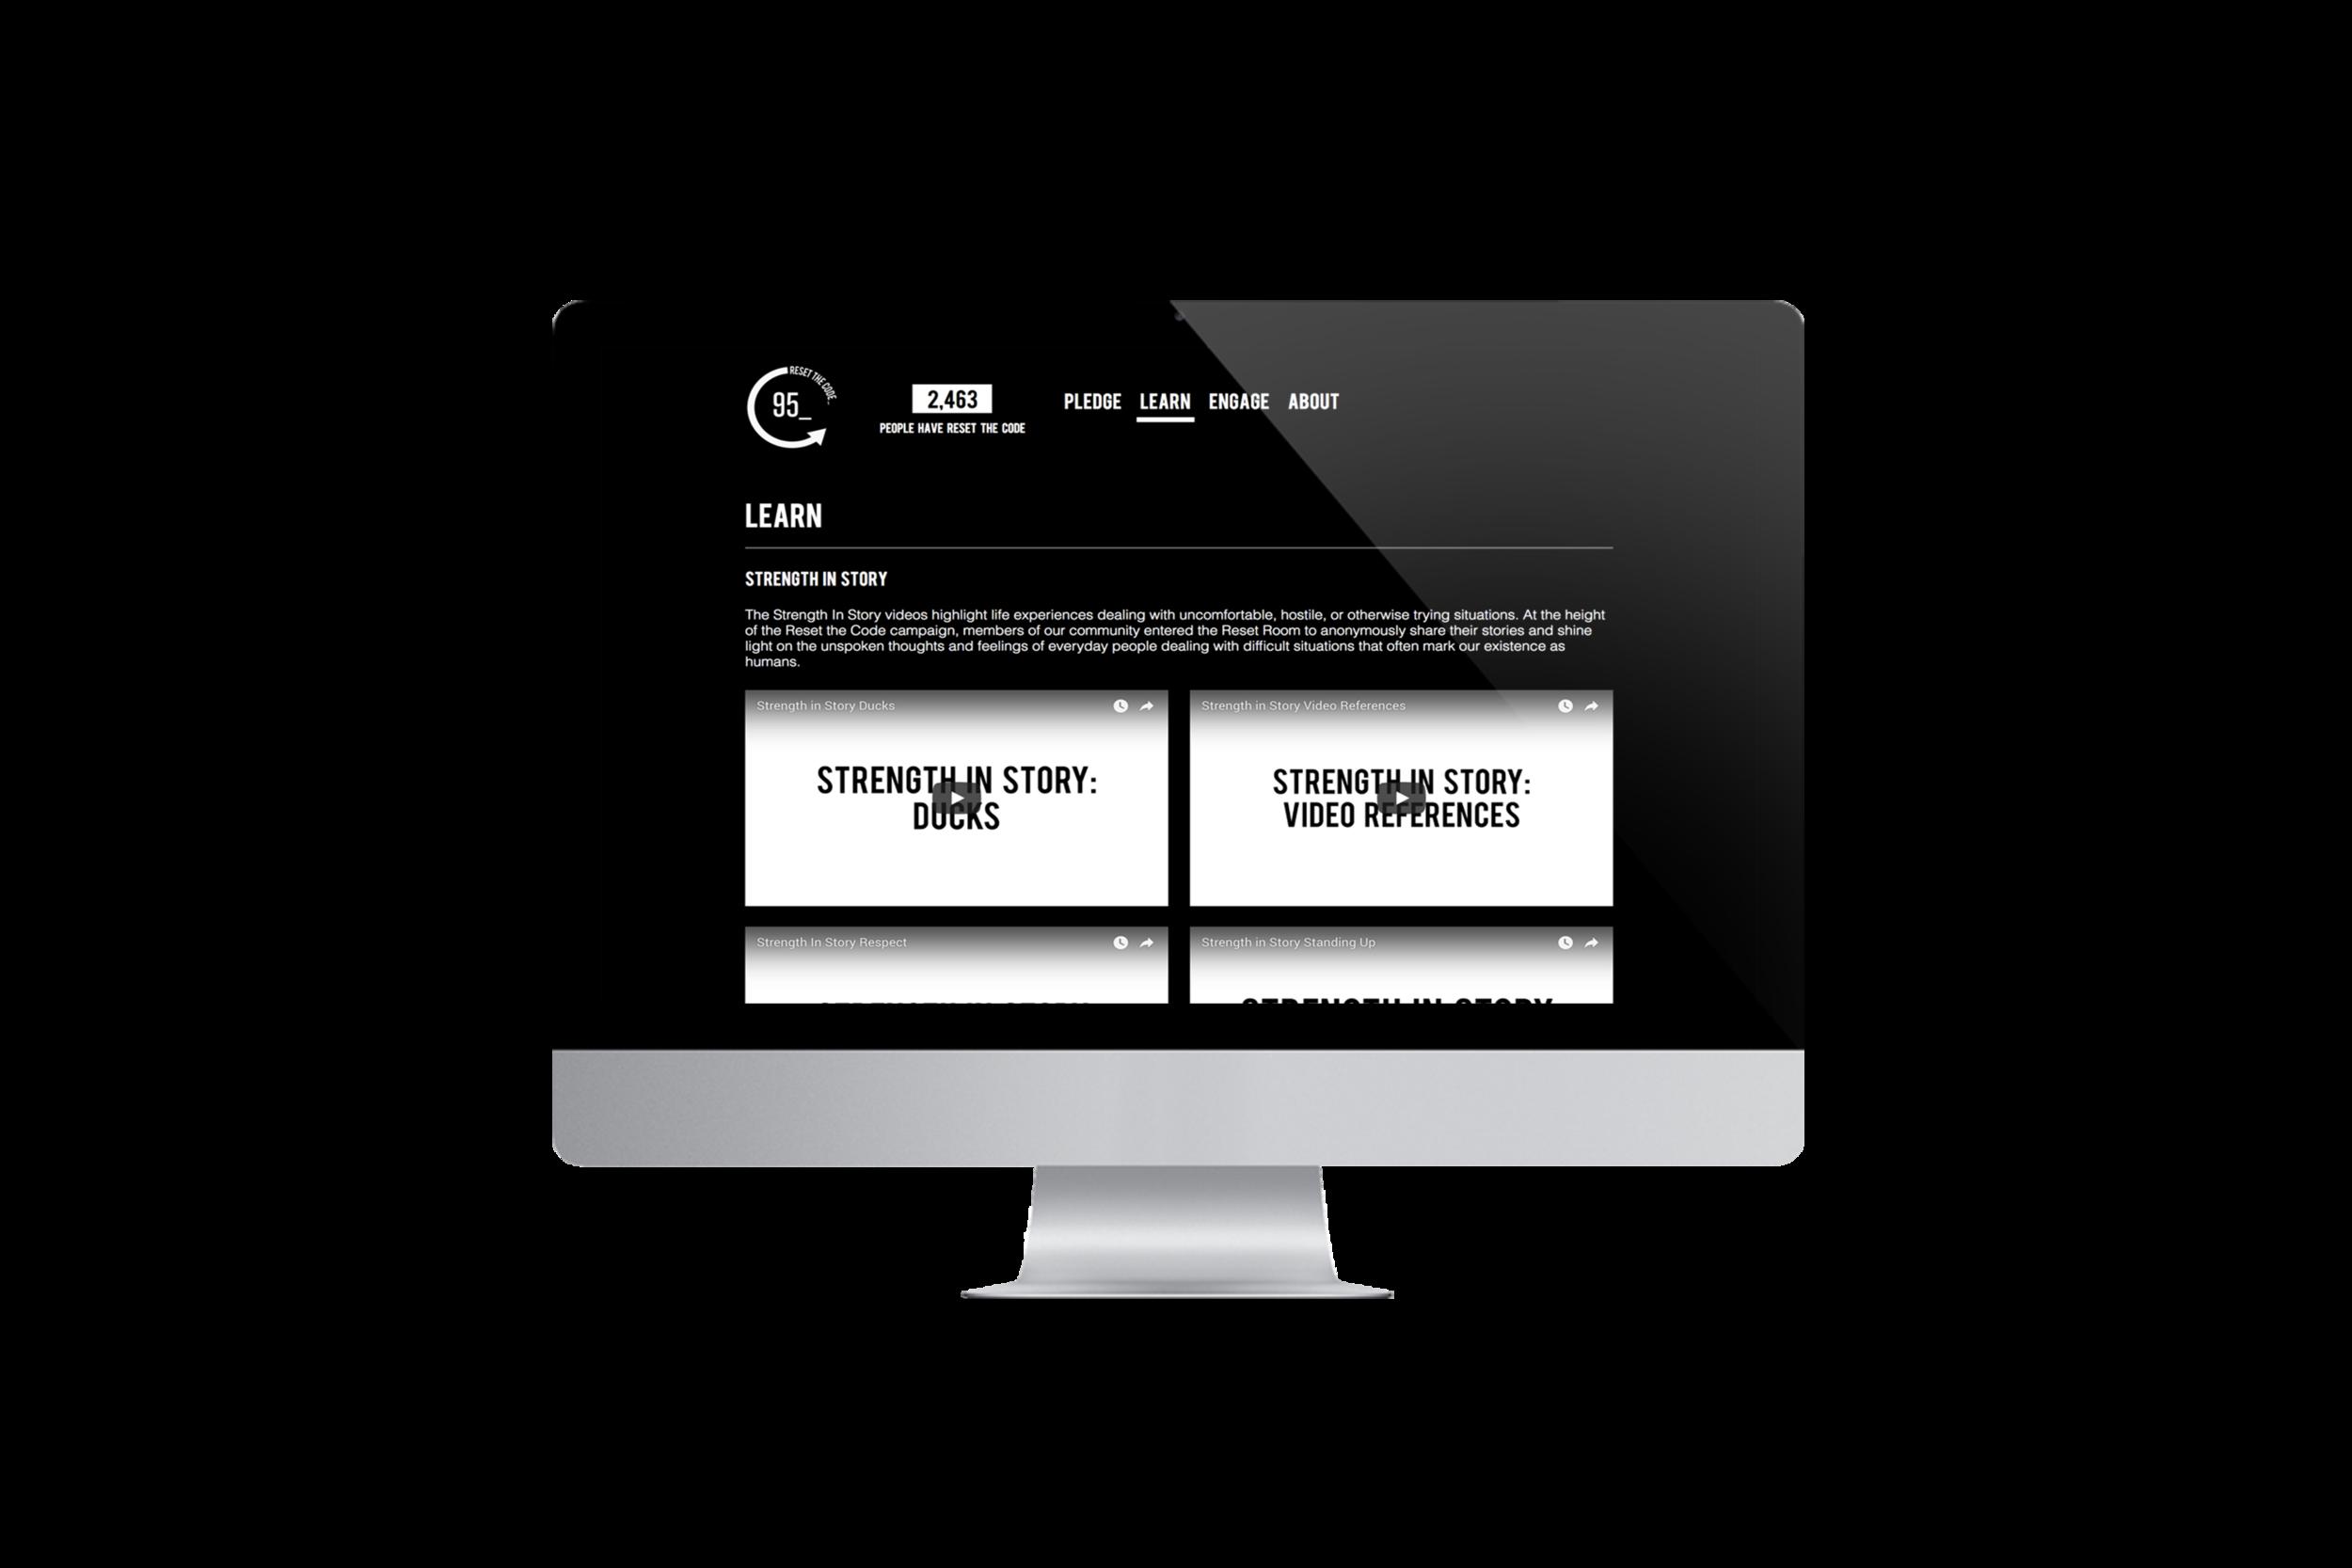 Learn-Desktop@2x.png